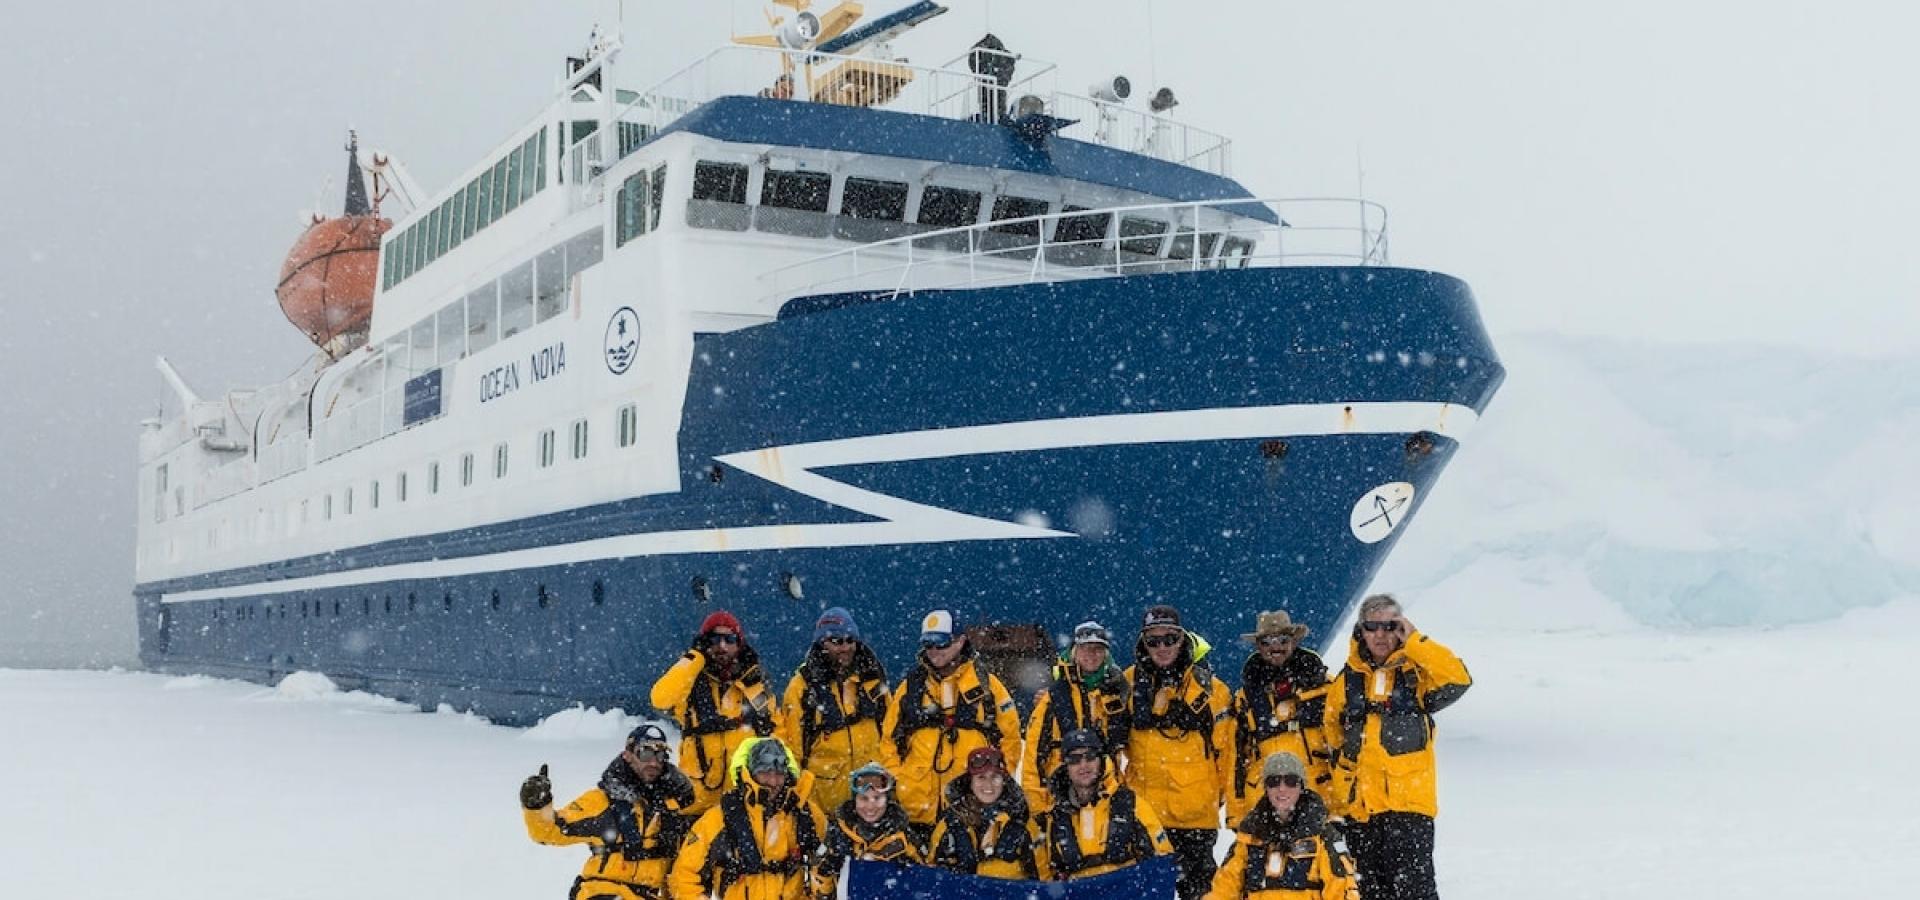 Aero-Crucero Antárctica XXI - Expedición al Círculo Polar